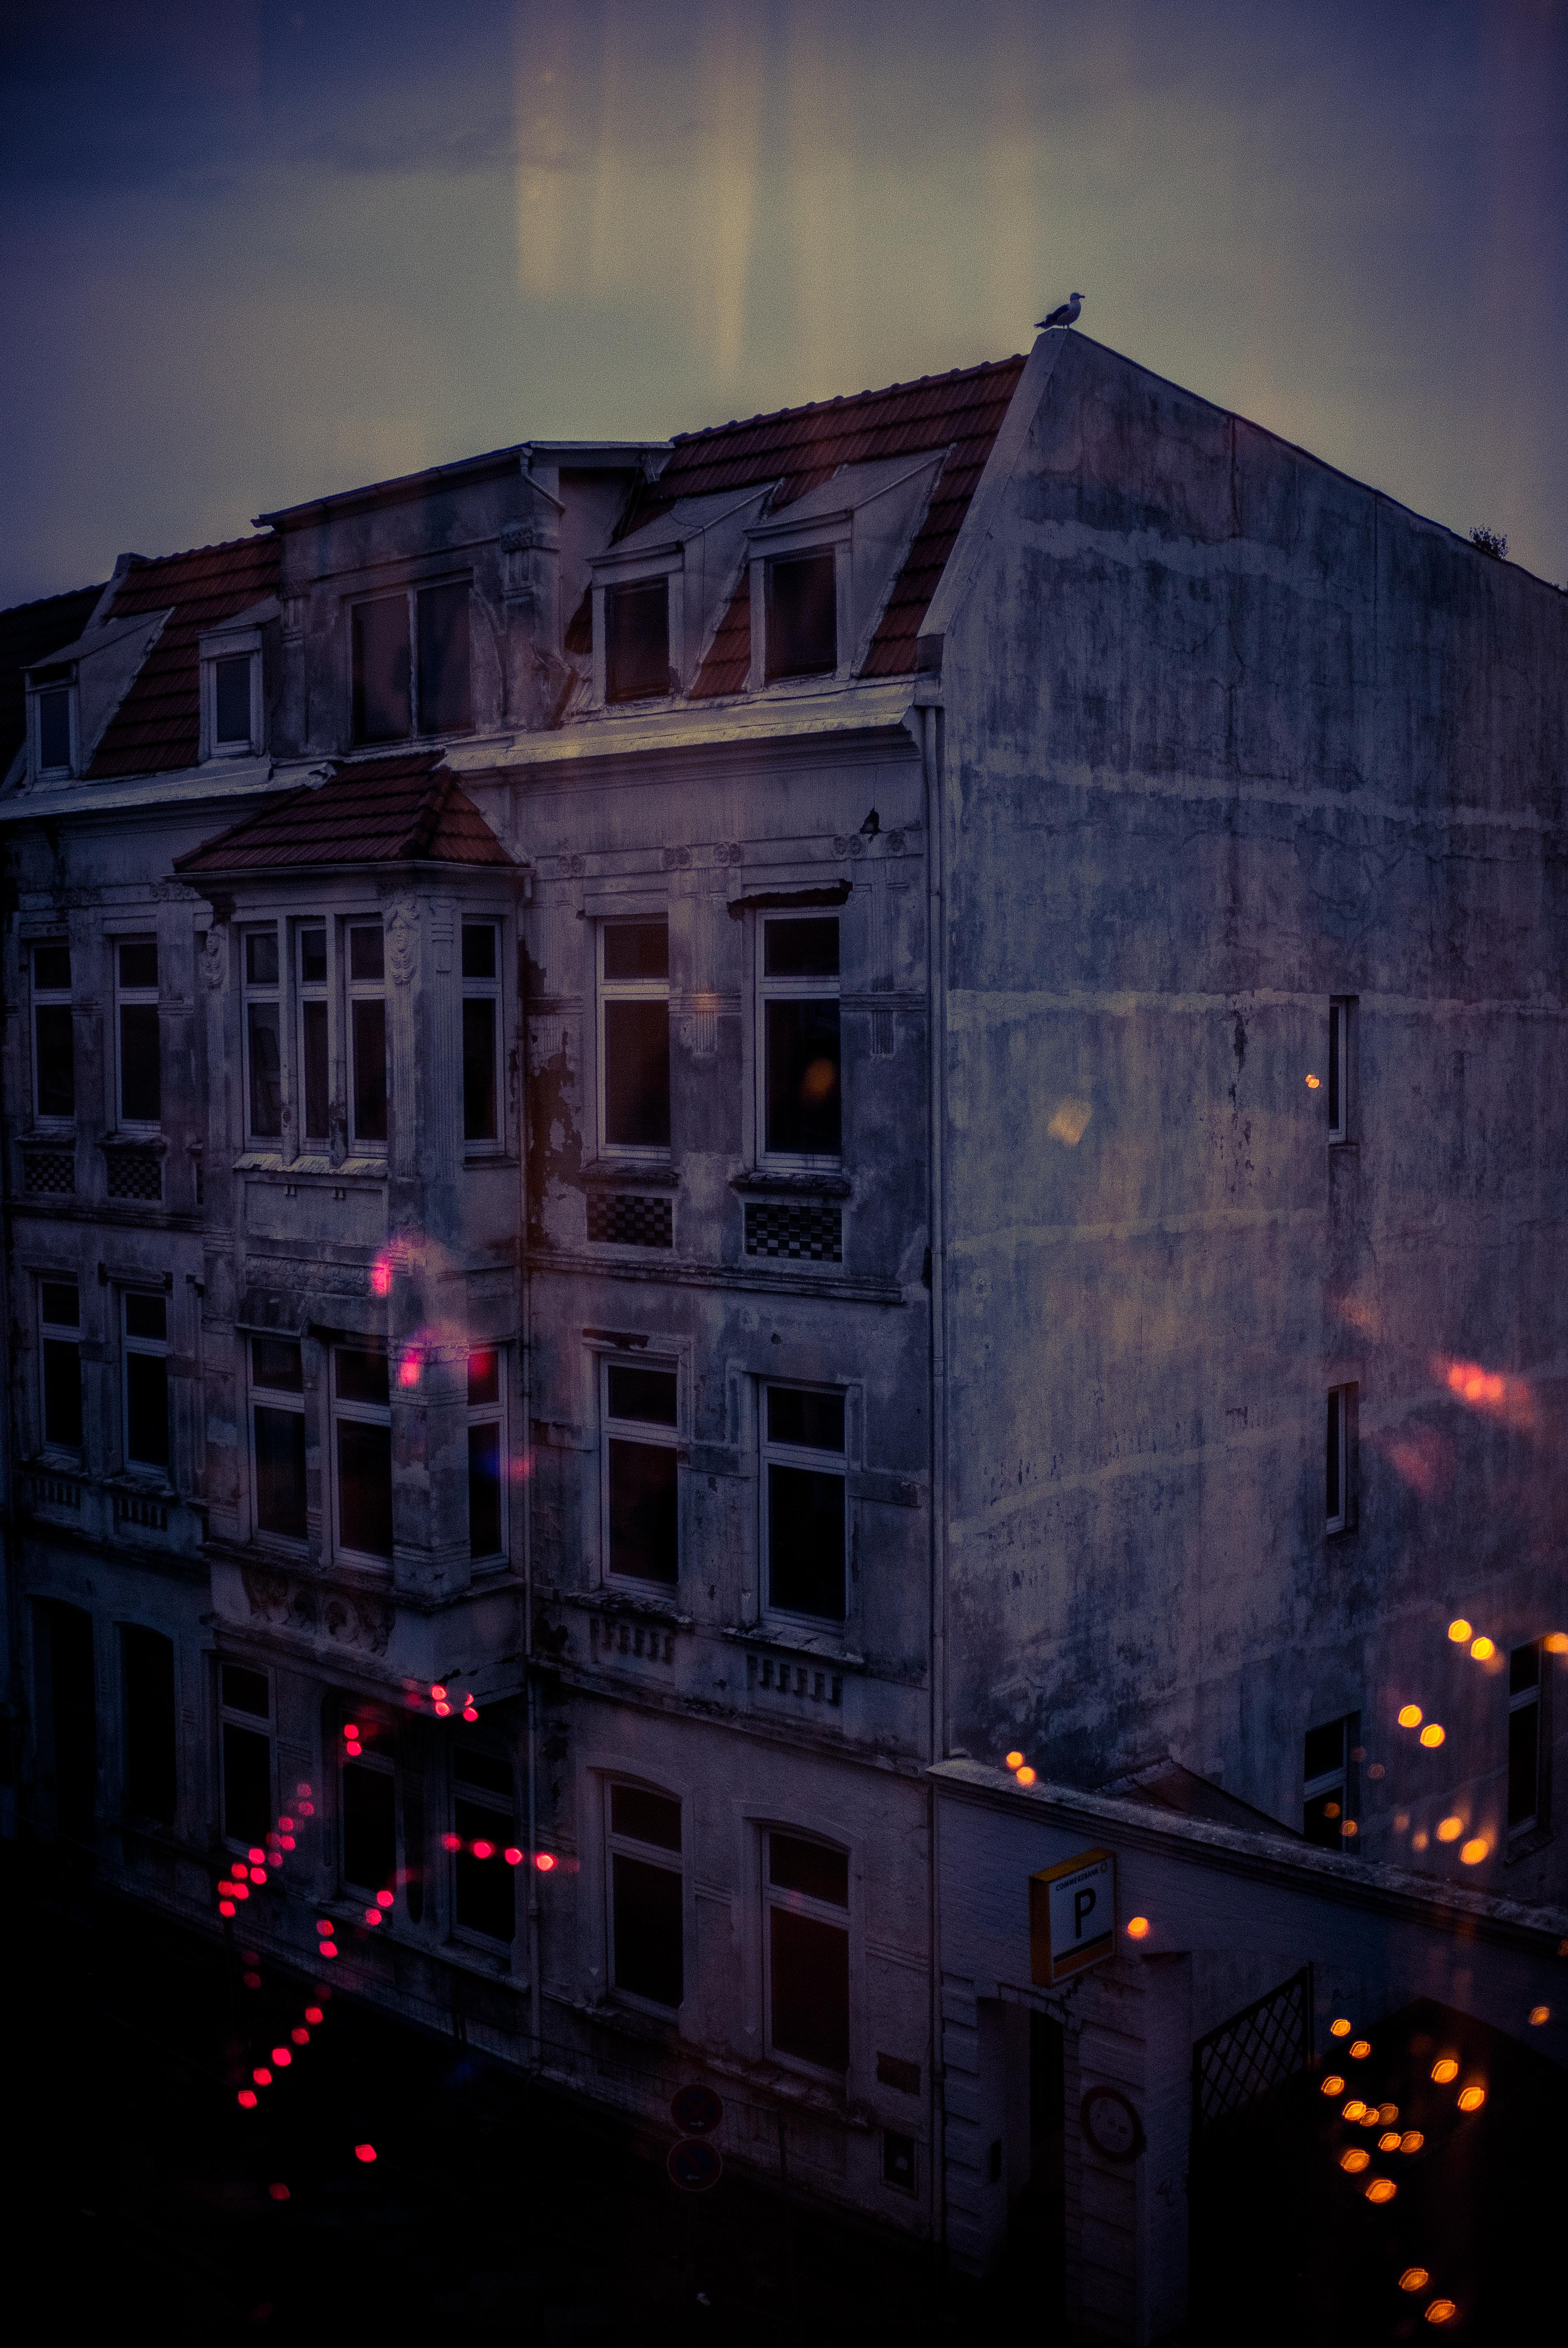 Blick auf dem Fenster verlassenes Gebäude mit Möwe auf dem Giebel